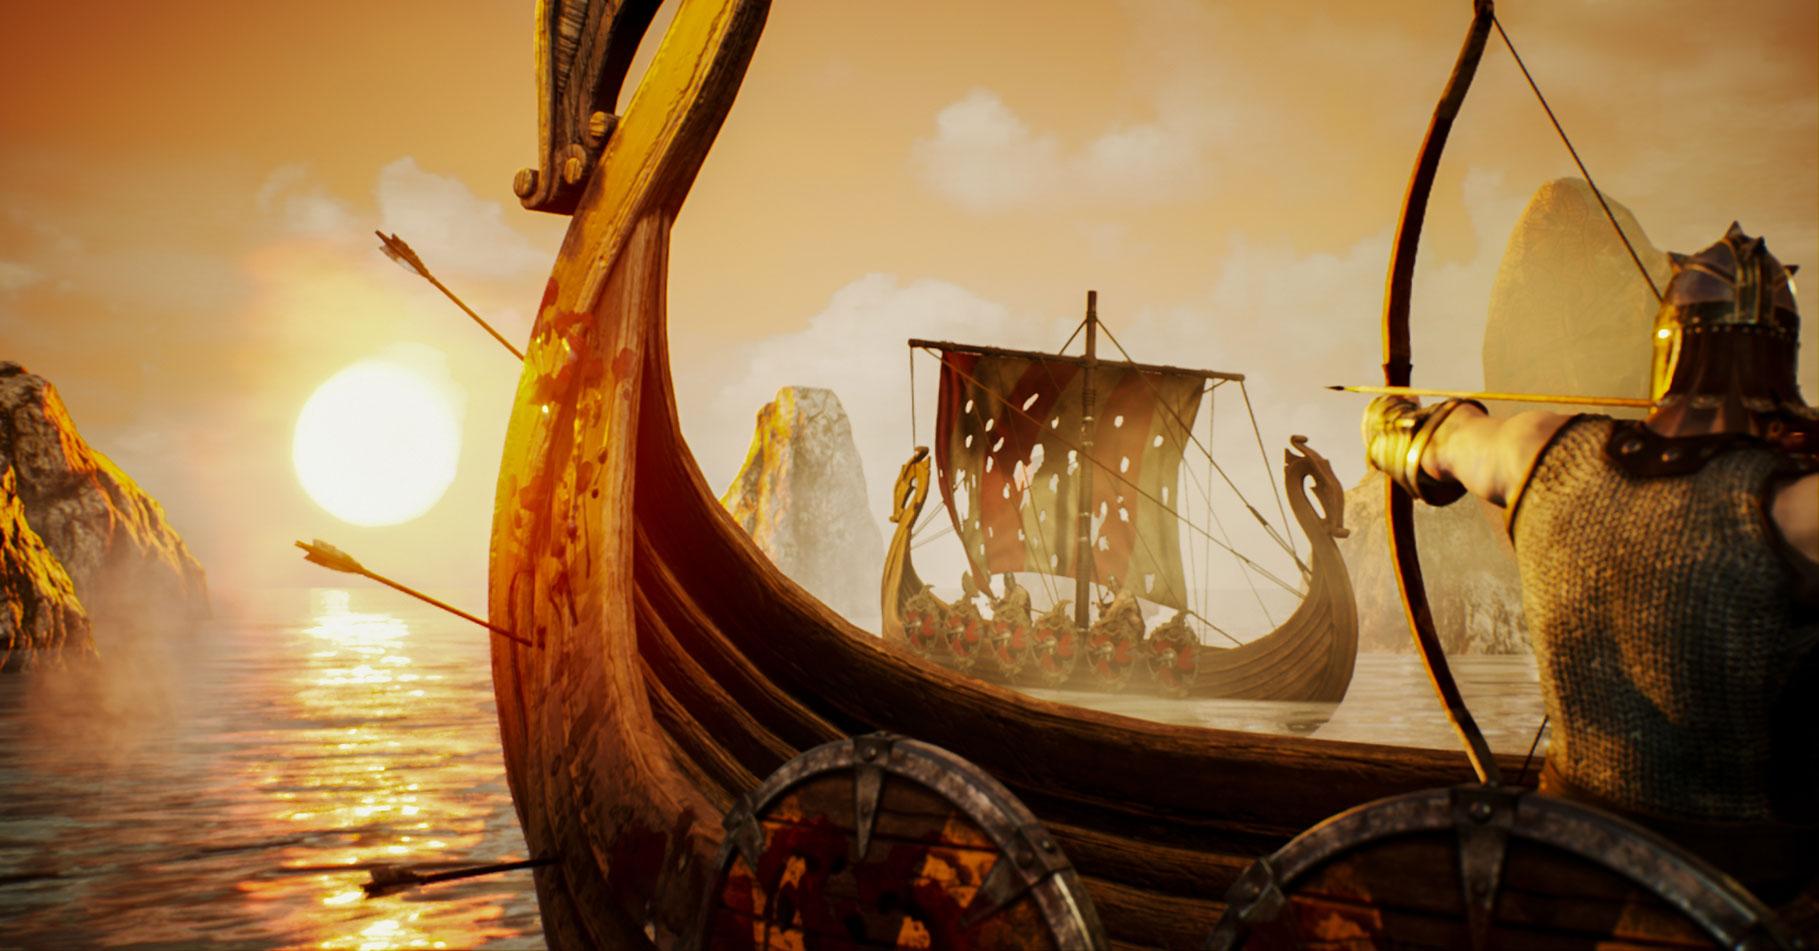 Vikingský RPG titul Rune: Ragnarok na prvních screenshotech 154028